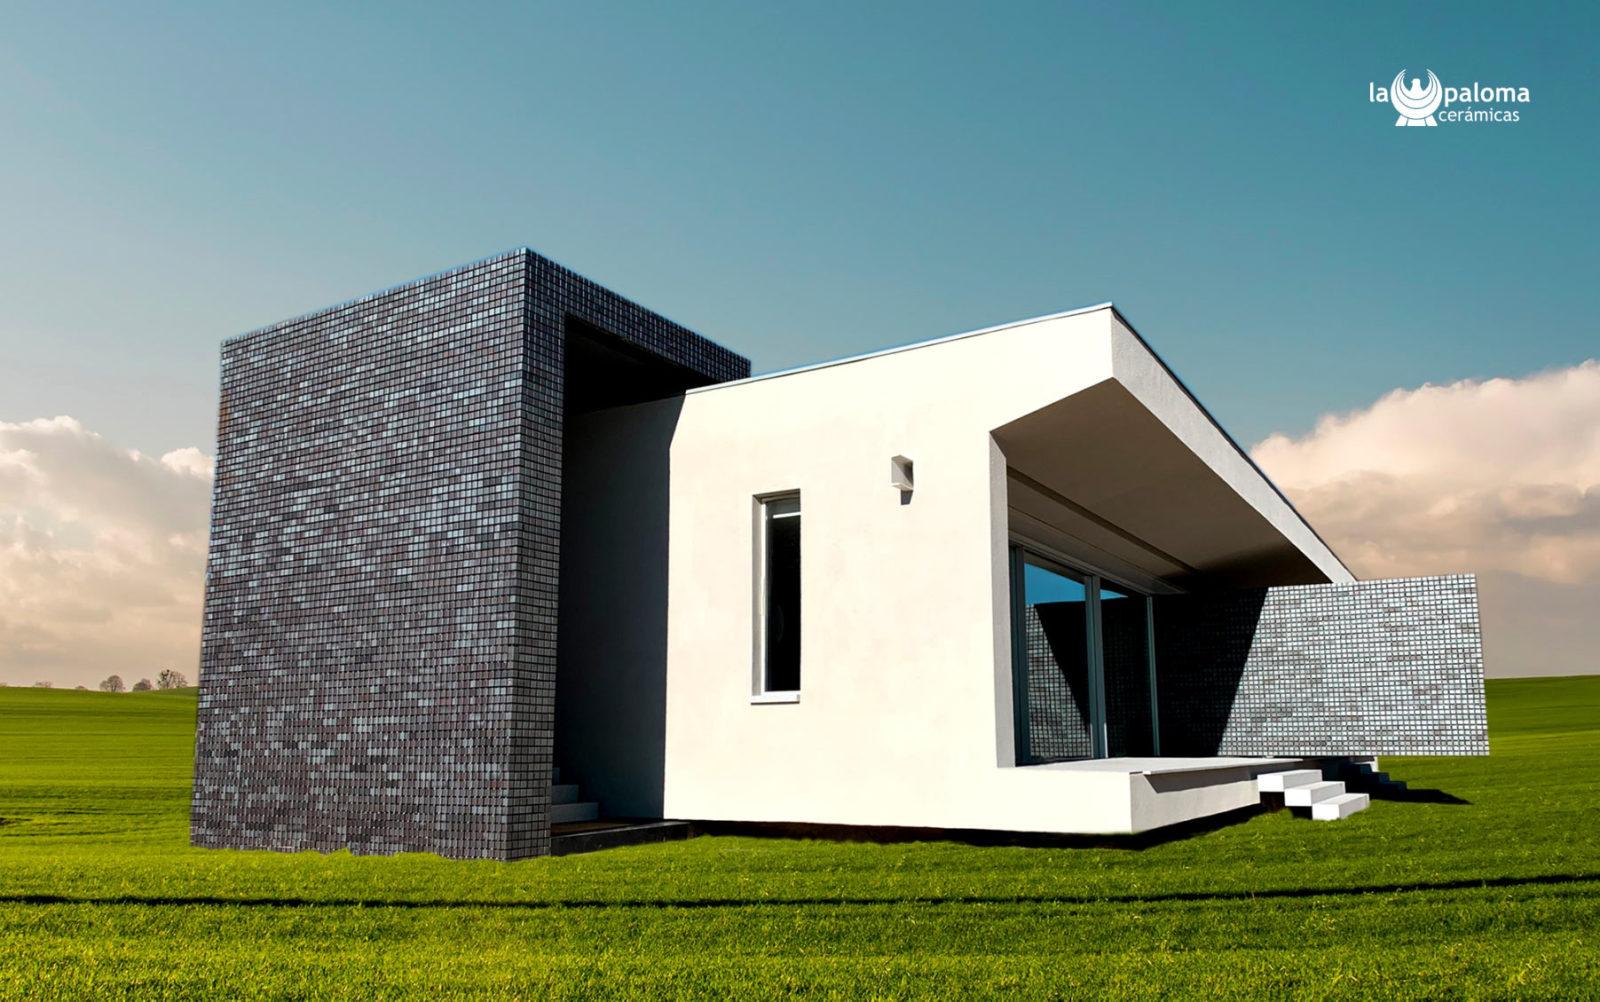 Tash, el ladrillo carvista que aporta funcionalidad a las fachadas ventiladas